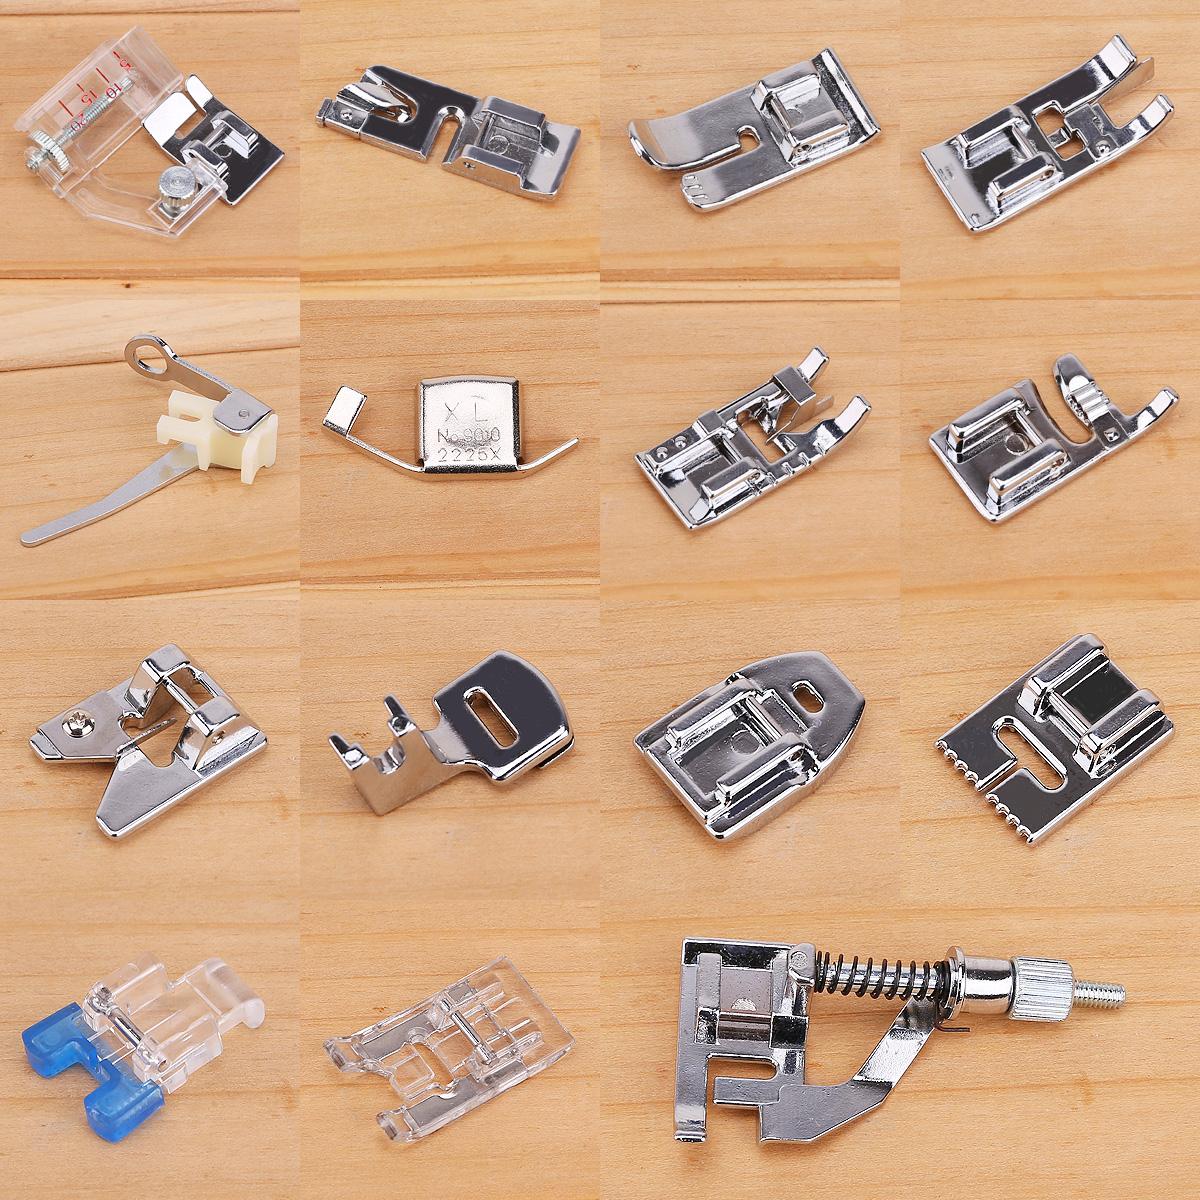 Pies de maquina de coser - ShareMedoc